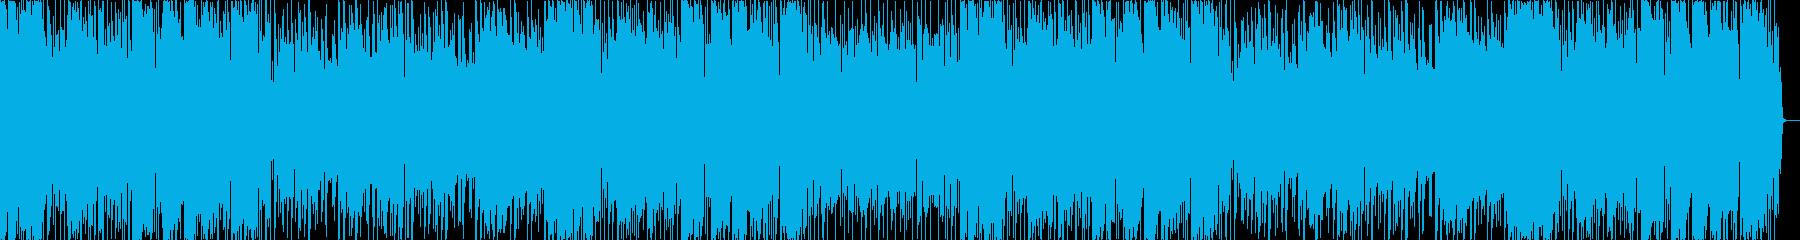 ほのぼのとした日常系の音楽の再生済みの波形